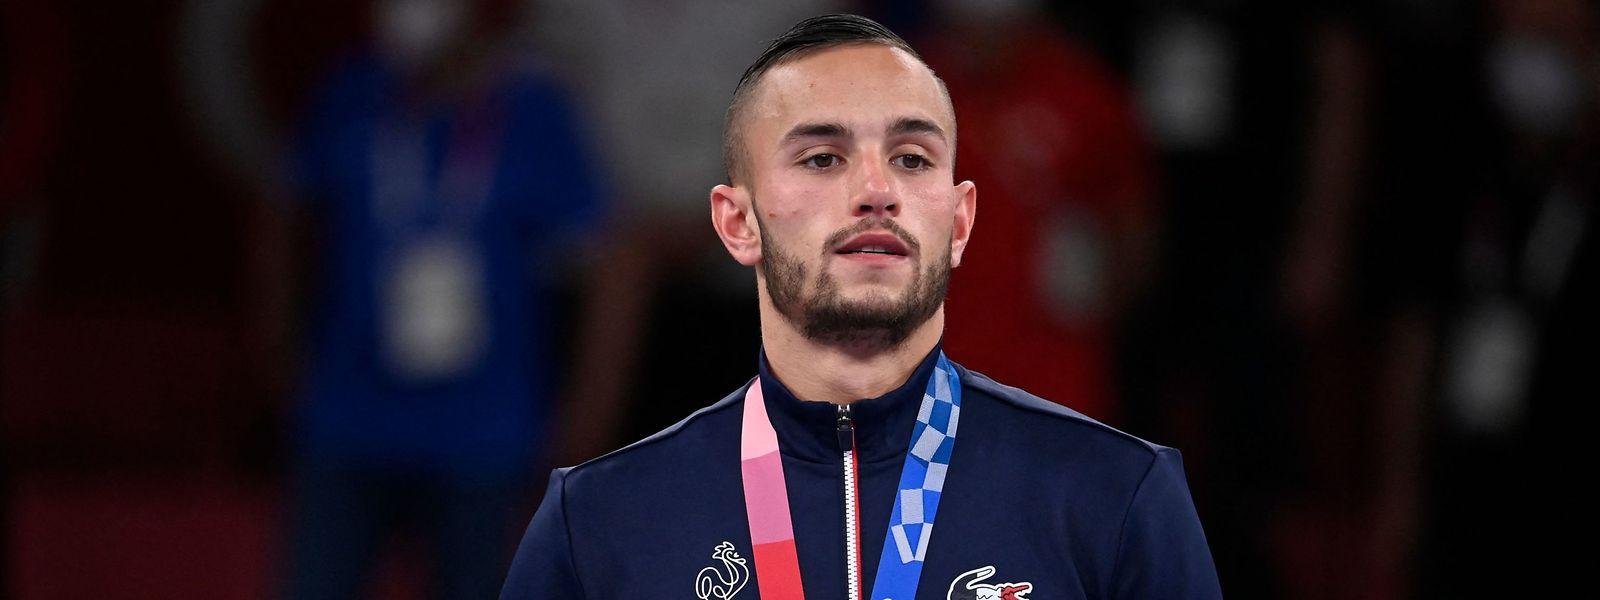 Le jeune homme de 24 ans ajoute une médaille olympique à son titre de champion du monde de 2018 et de n°1 mondial dans sa catégorie.